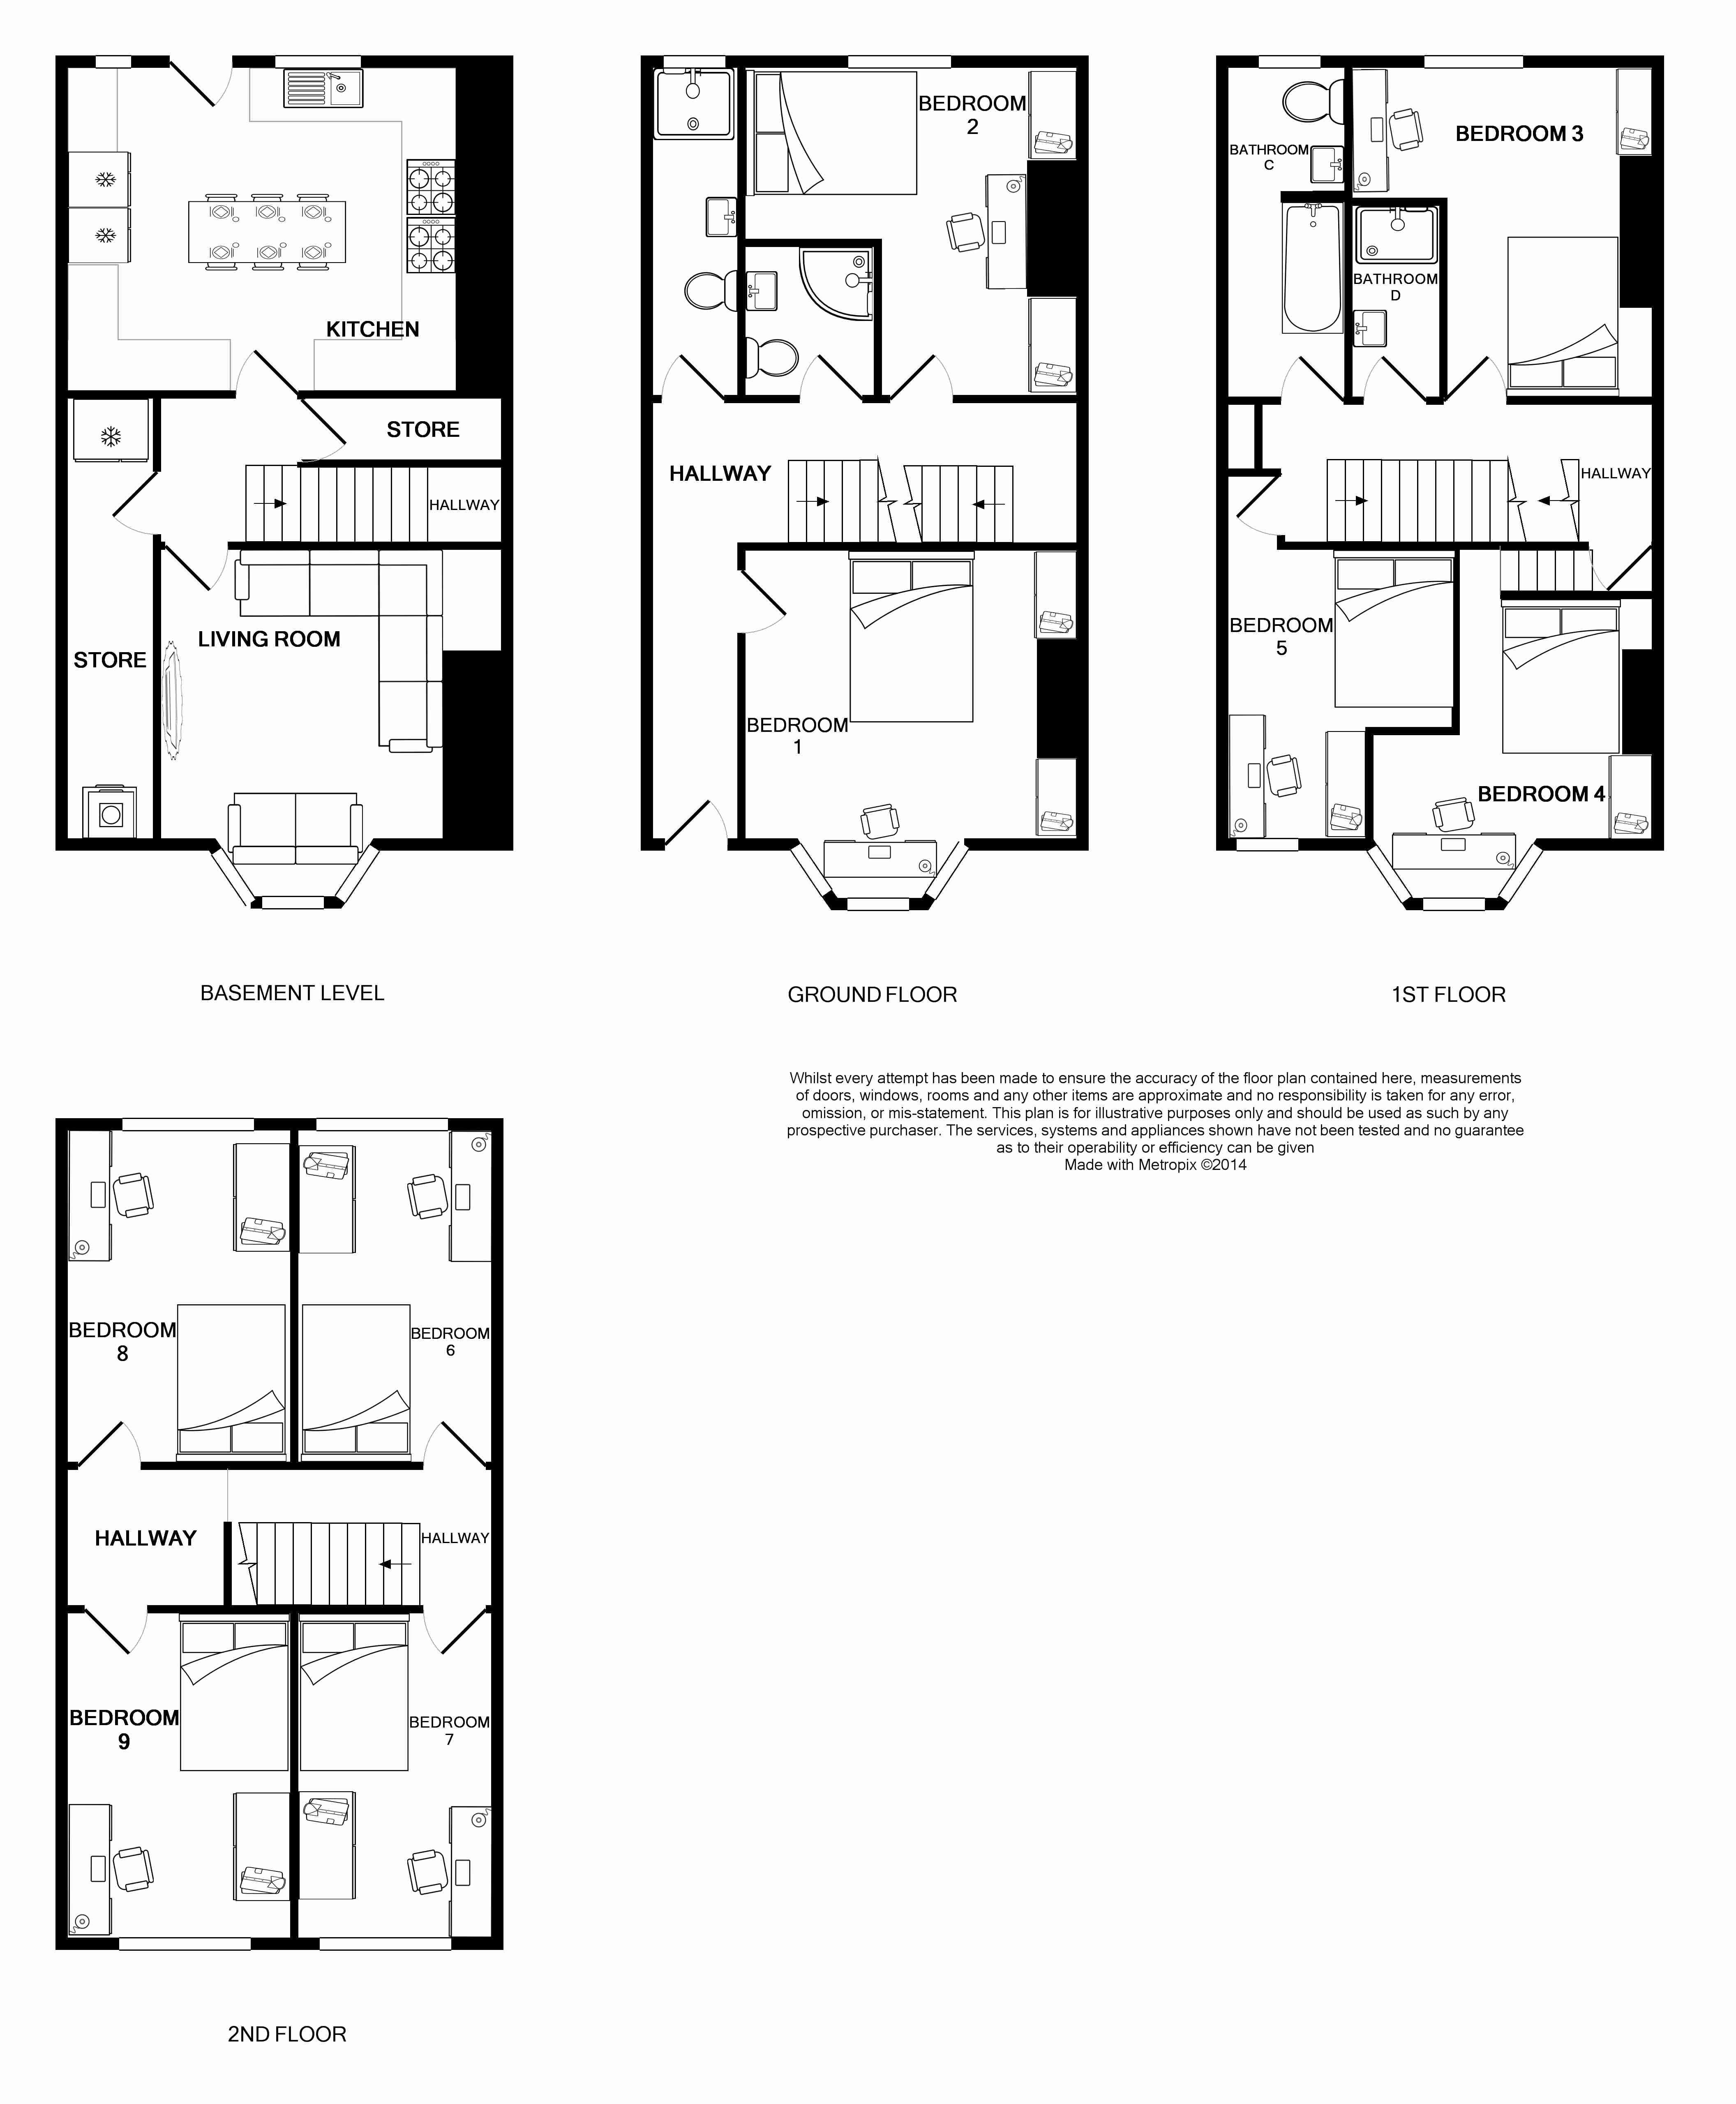 131 Hyde Park Road Floorplan